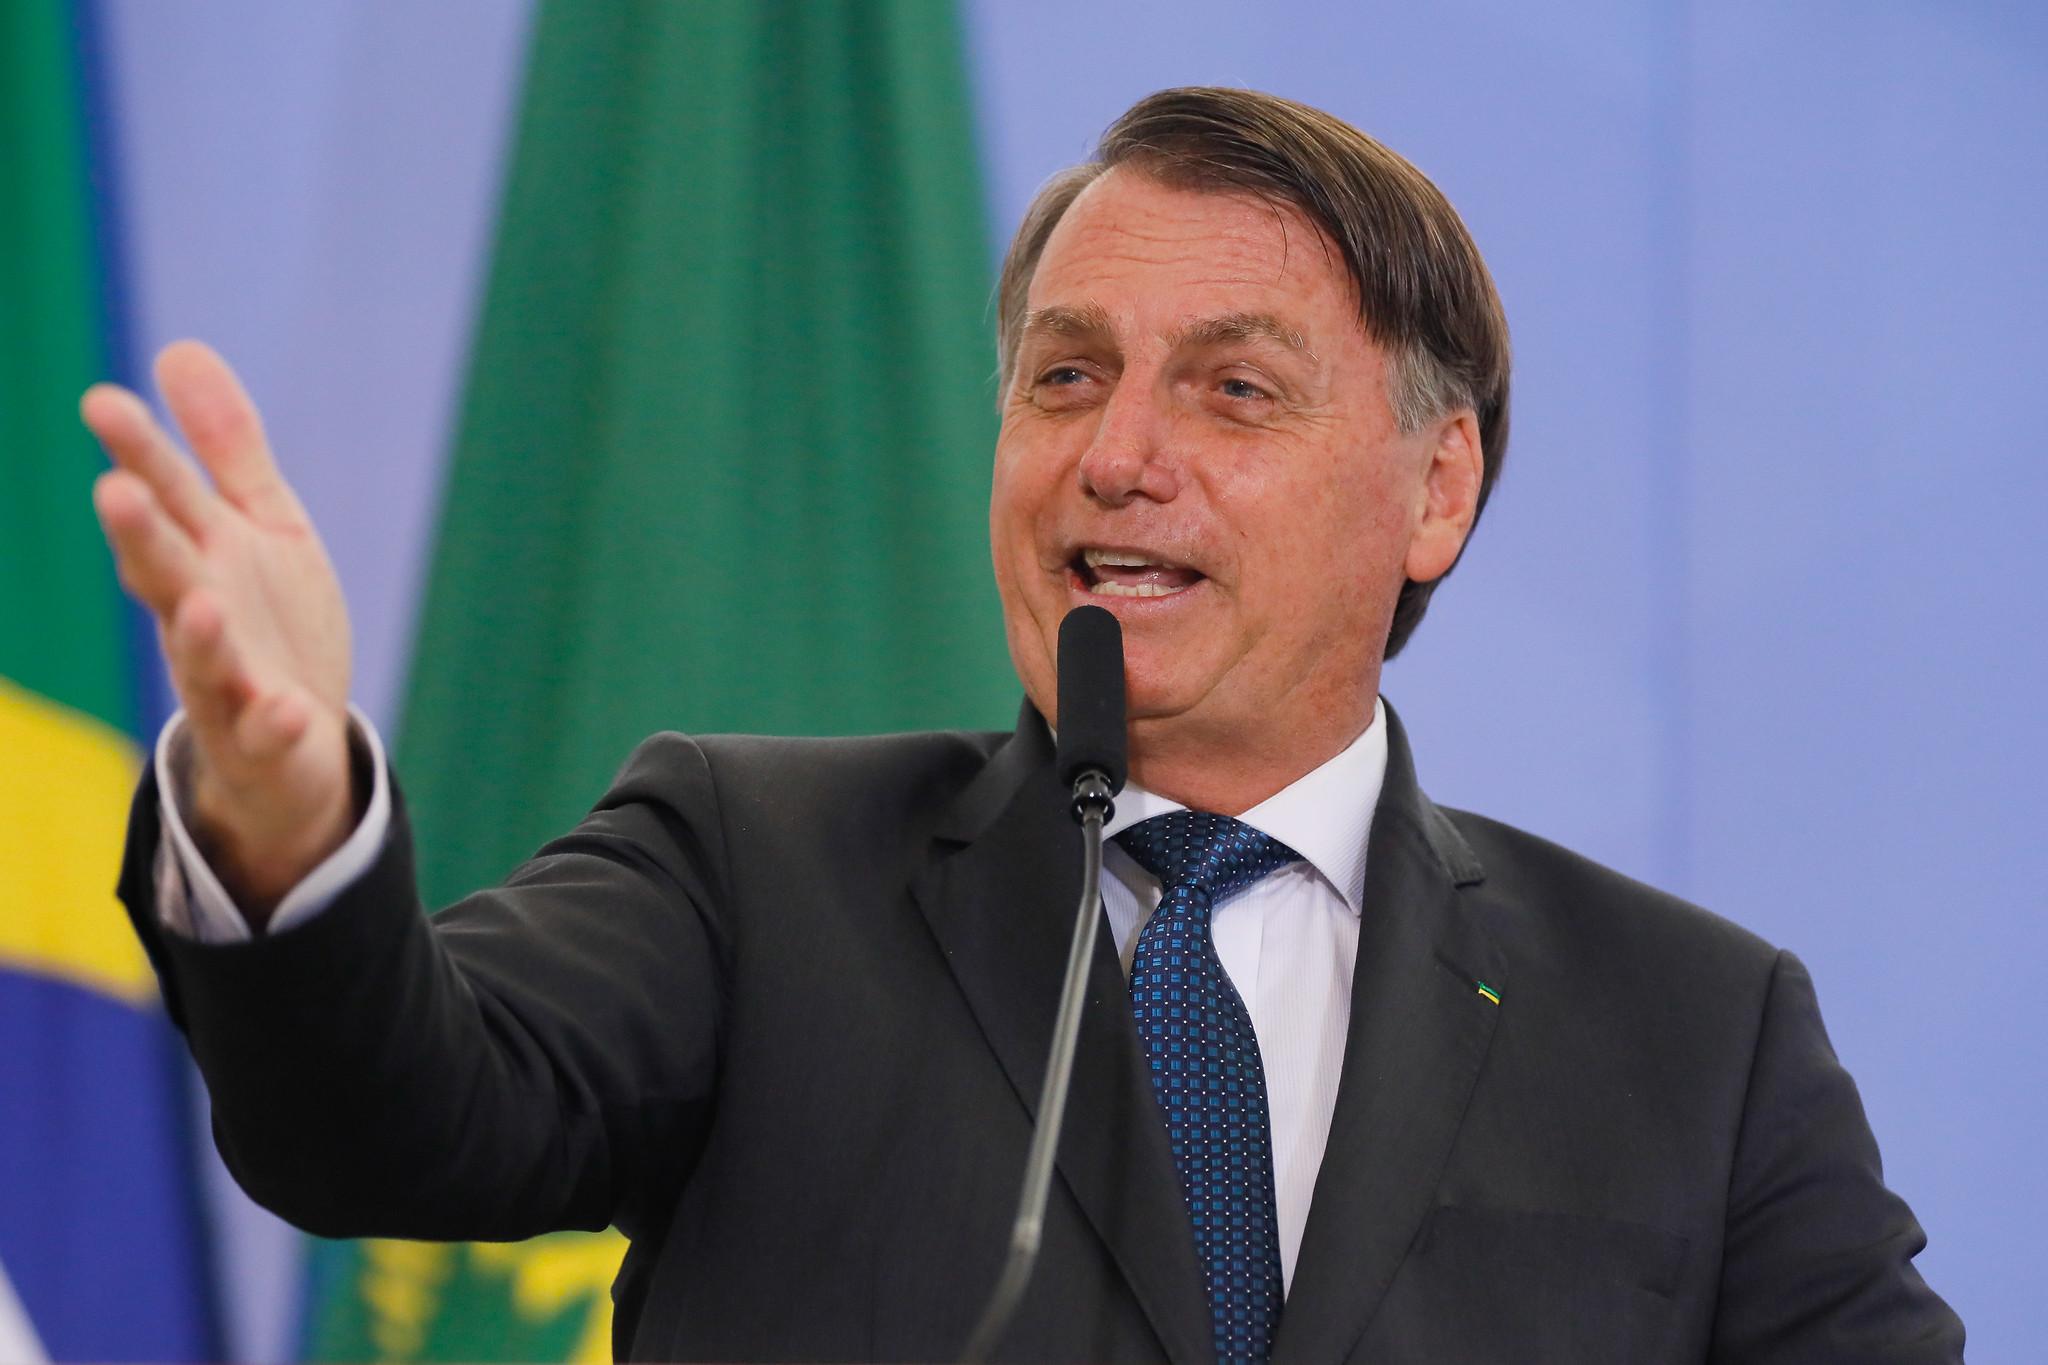 Quem é Jair Bolsonaro?